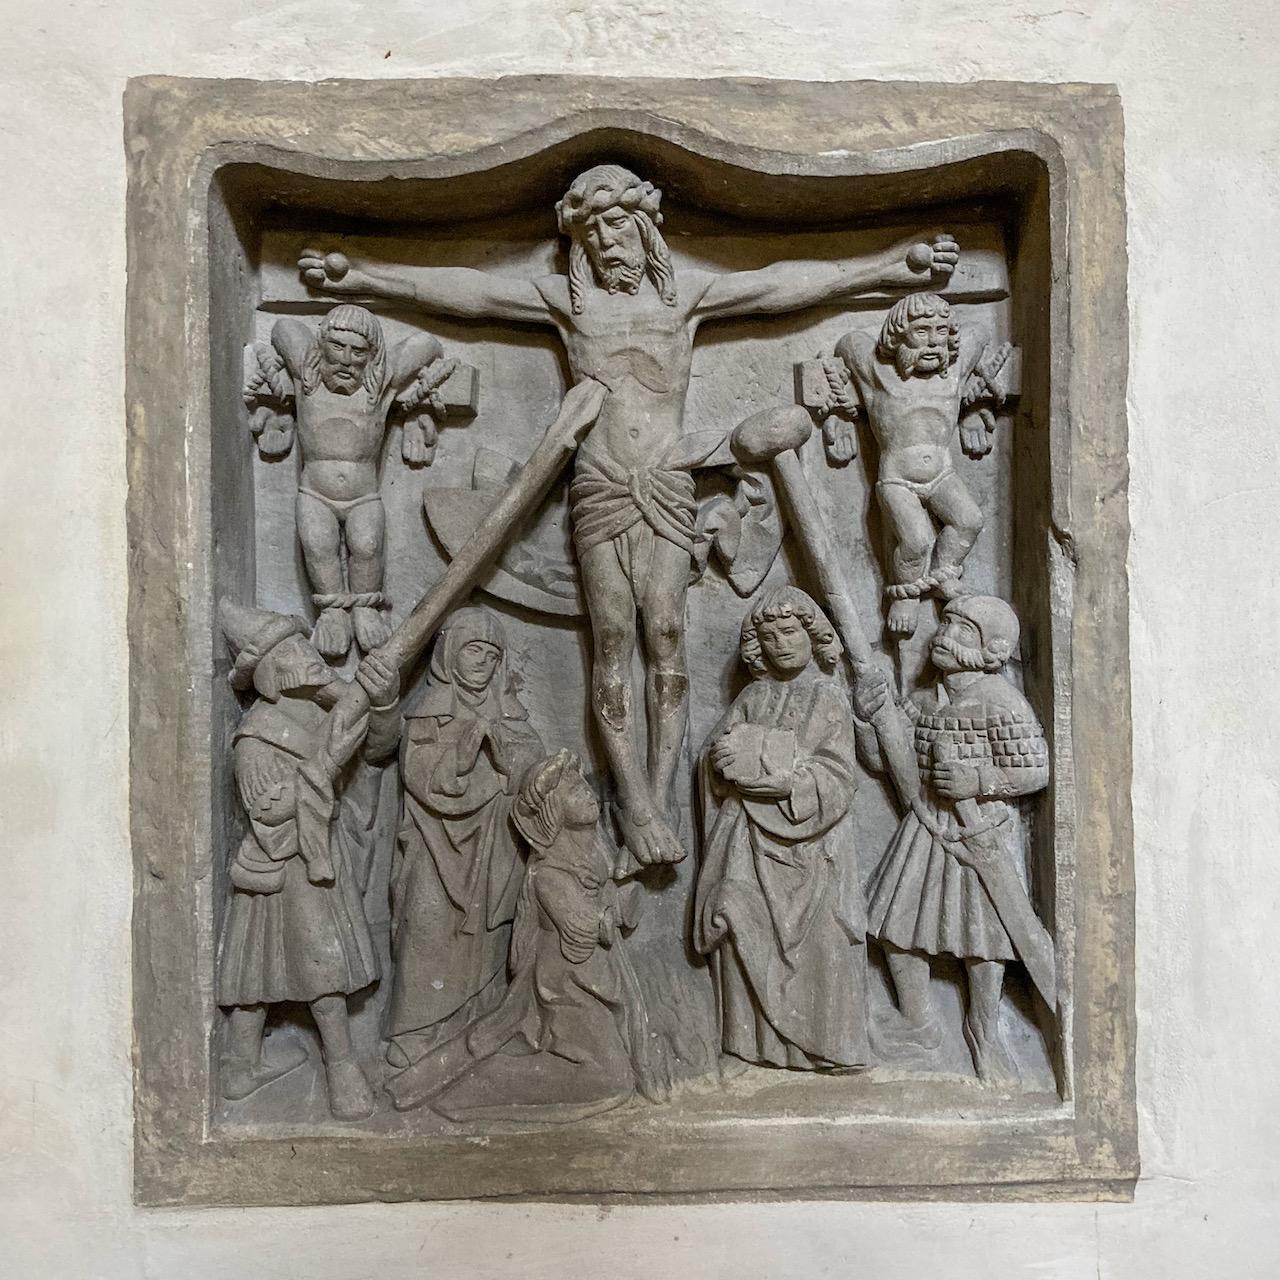 Kreuzigungsrelief in der Südmauer